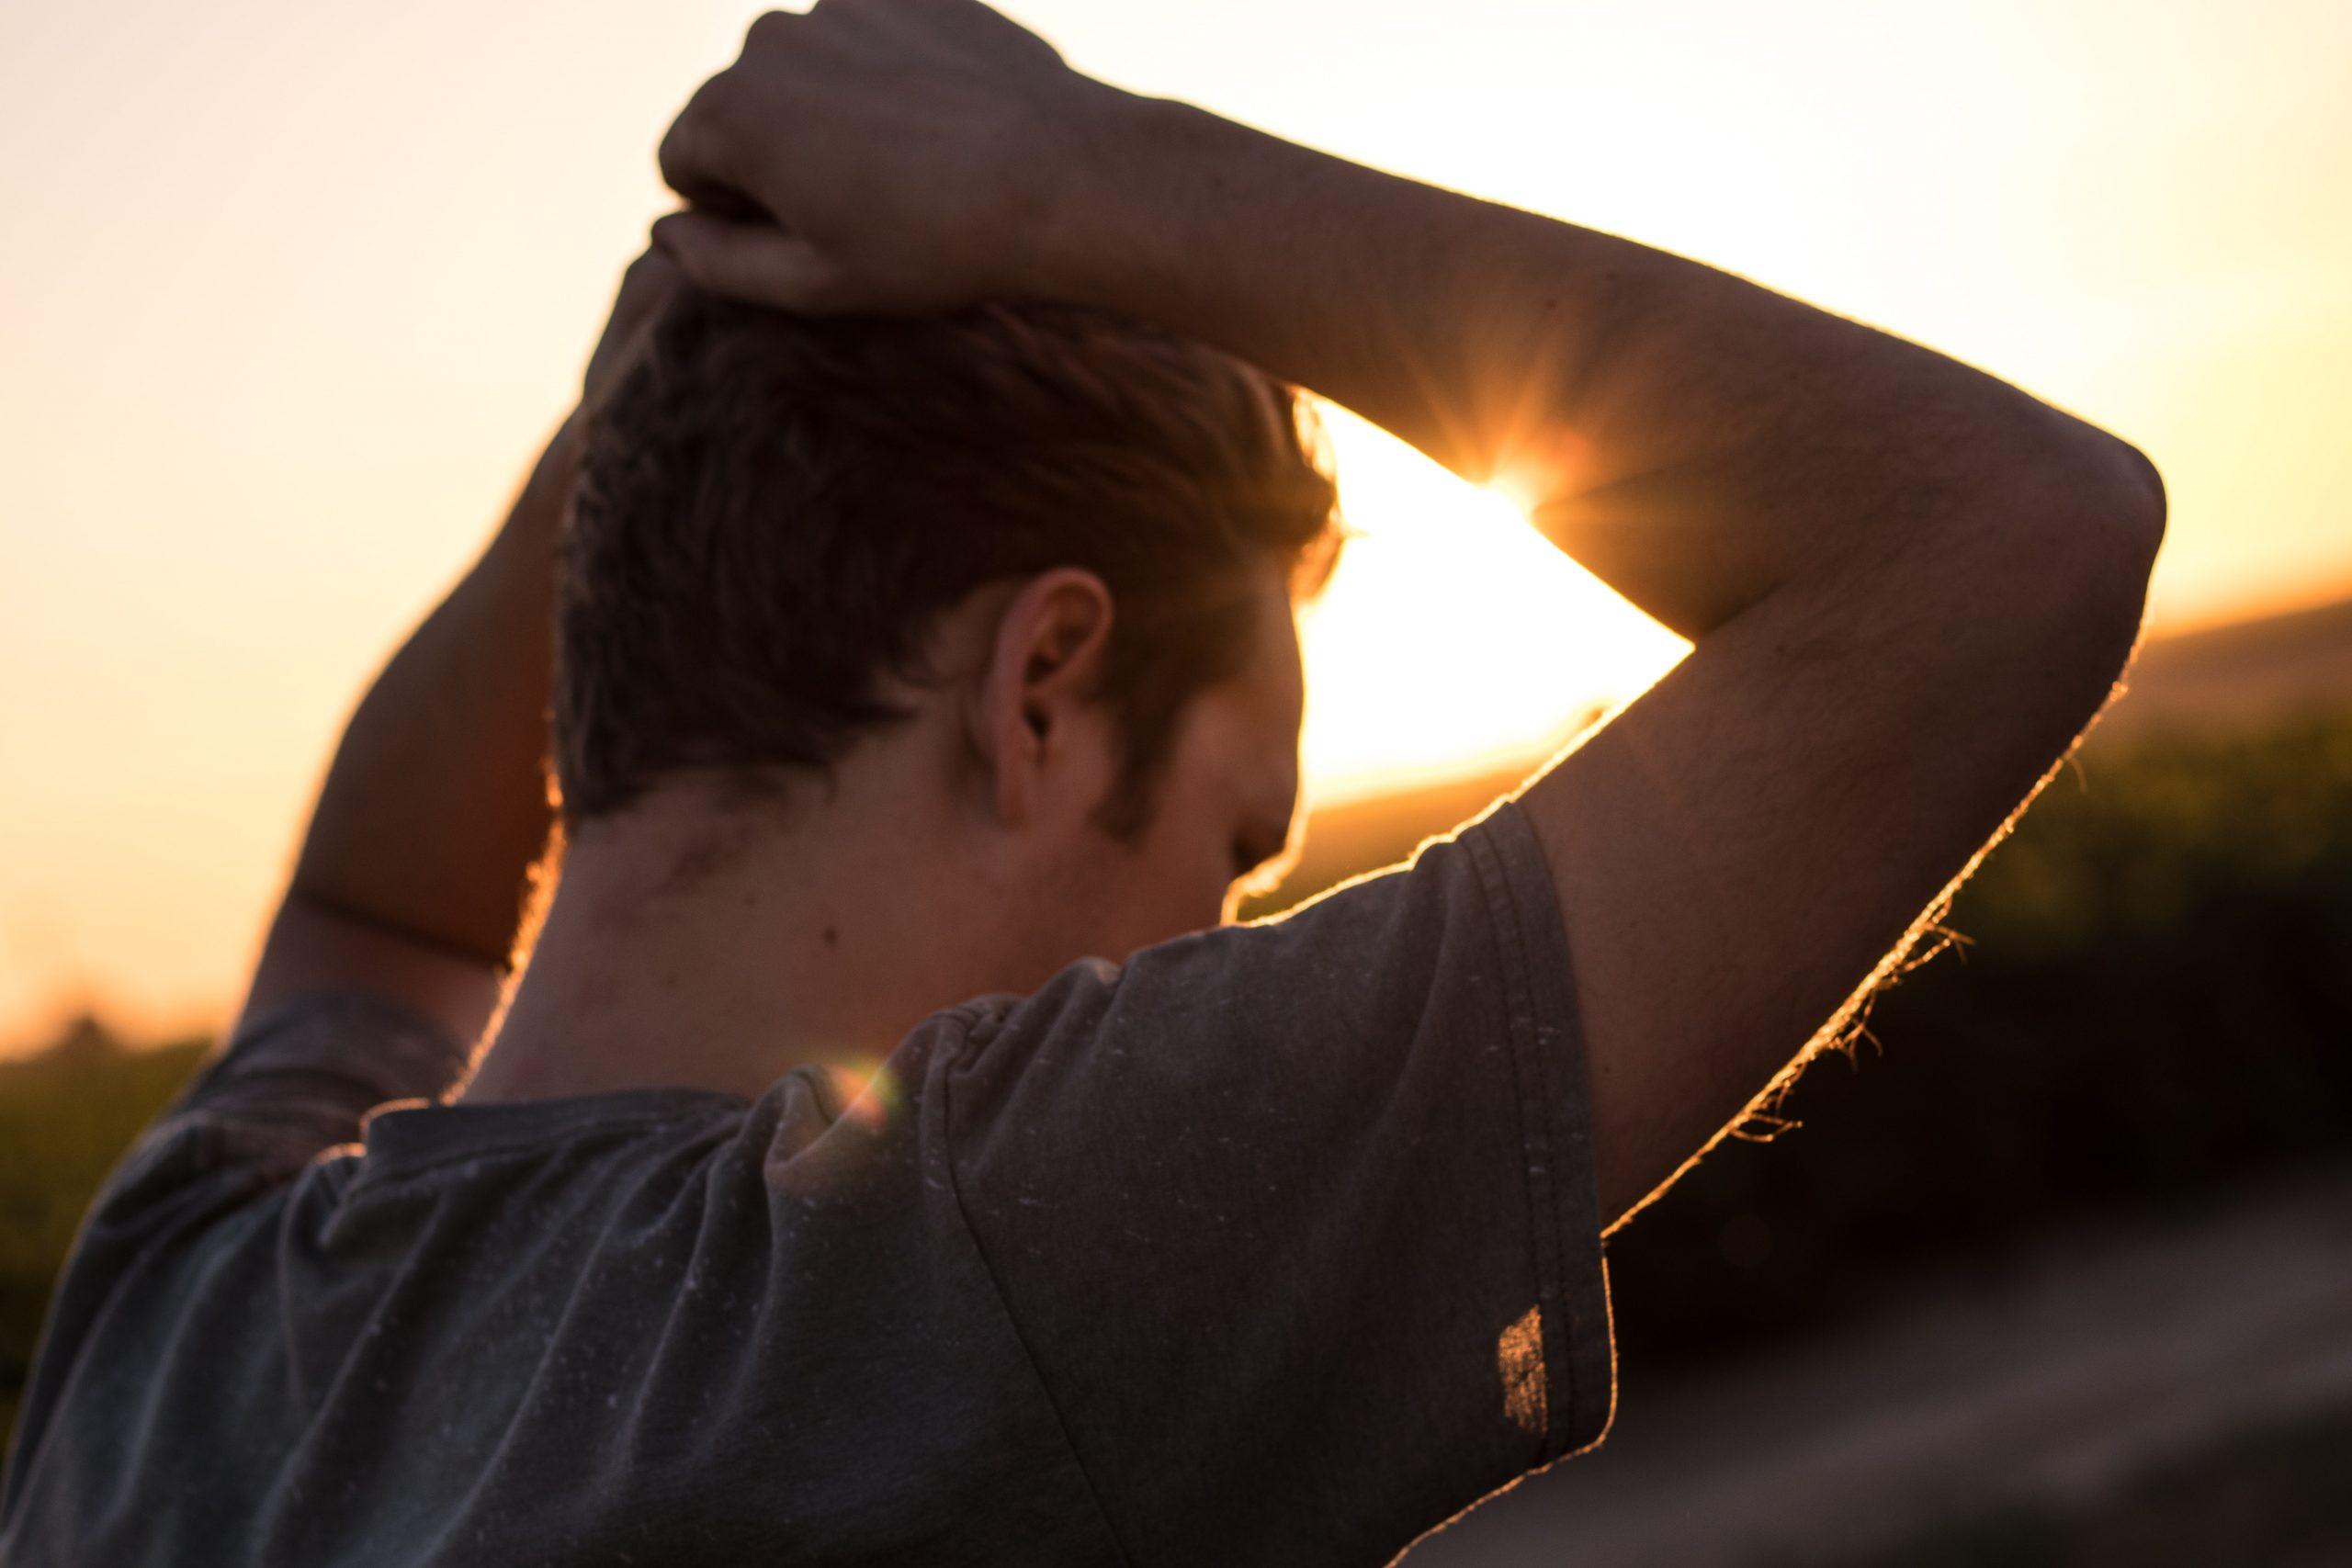 Comment faire face au deuil ?